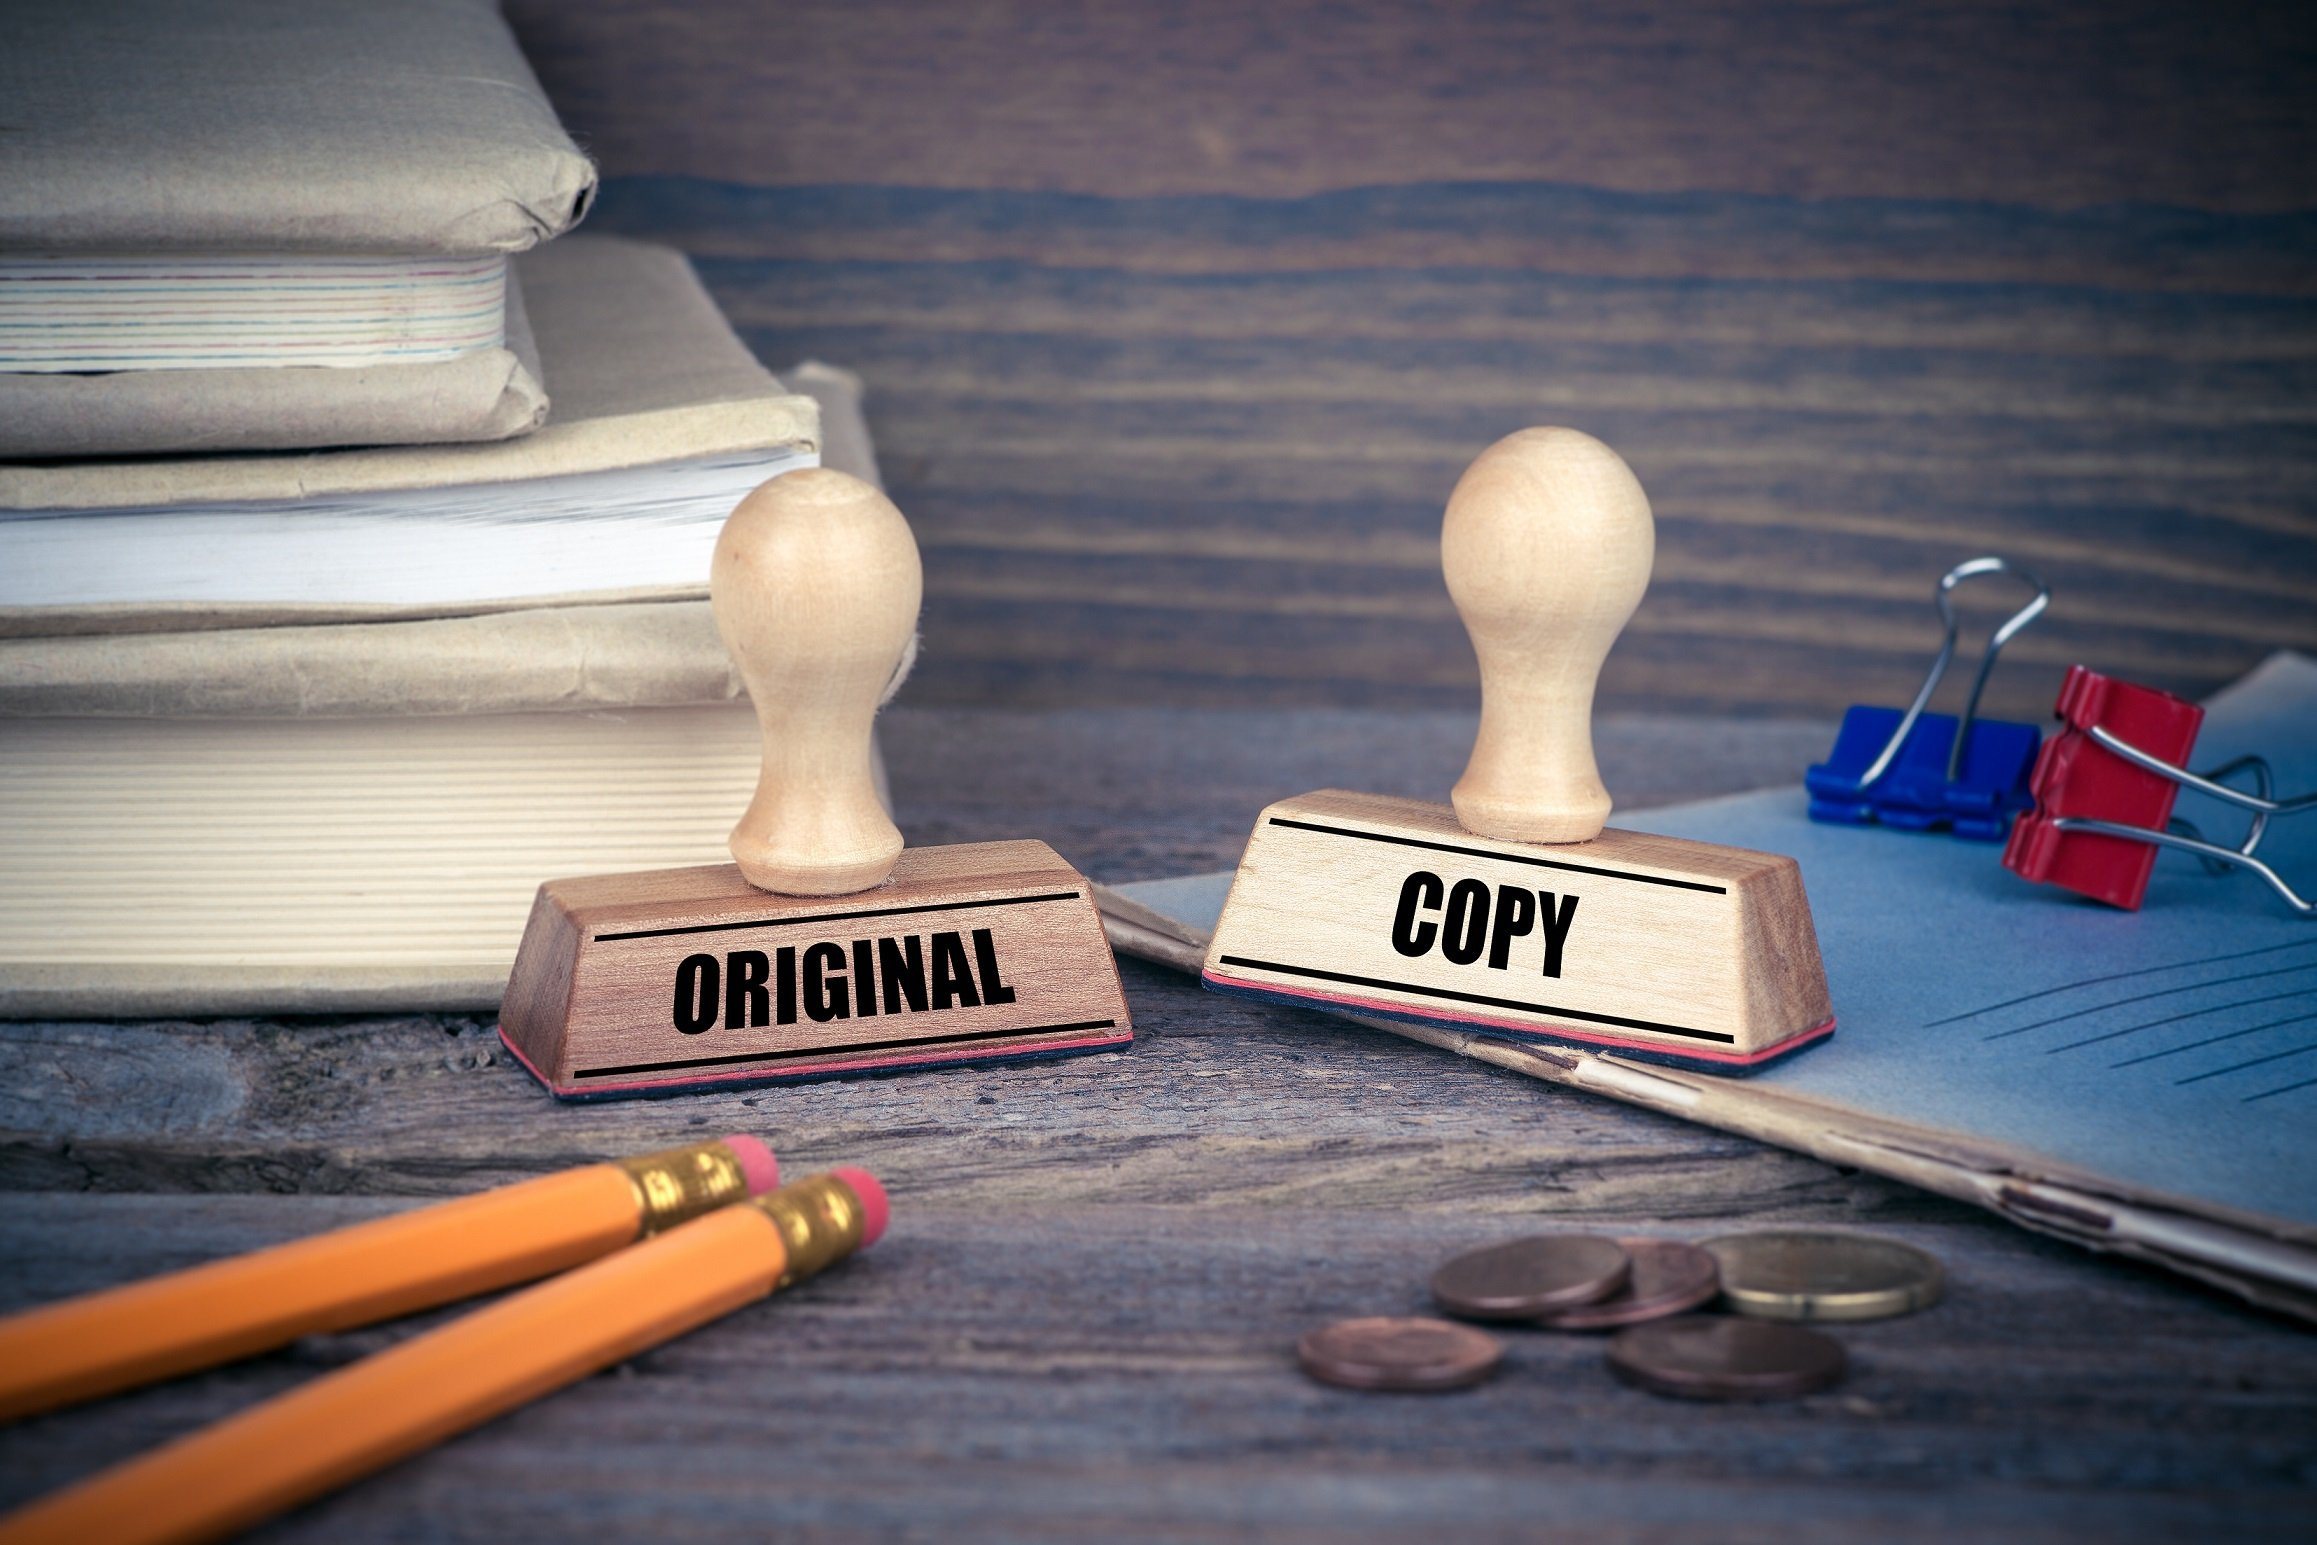 pieczątka za zgodność z oryginałem, pieczątka kopia, dokumenty, spinacze, ołówki